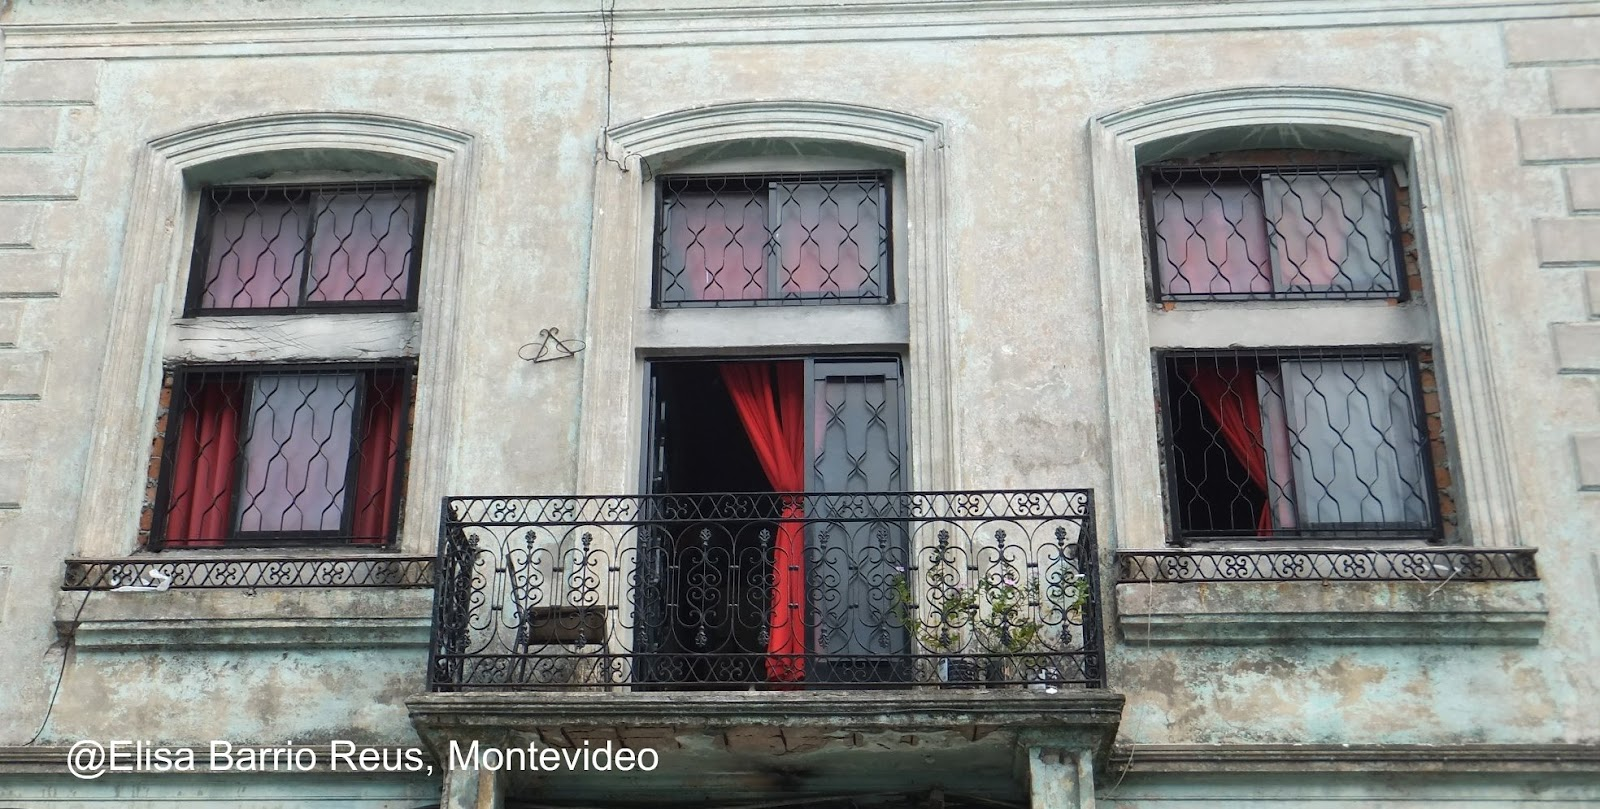 Barrio Reus en Montevideo